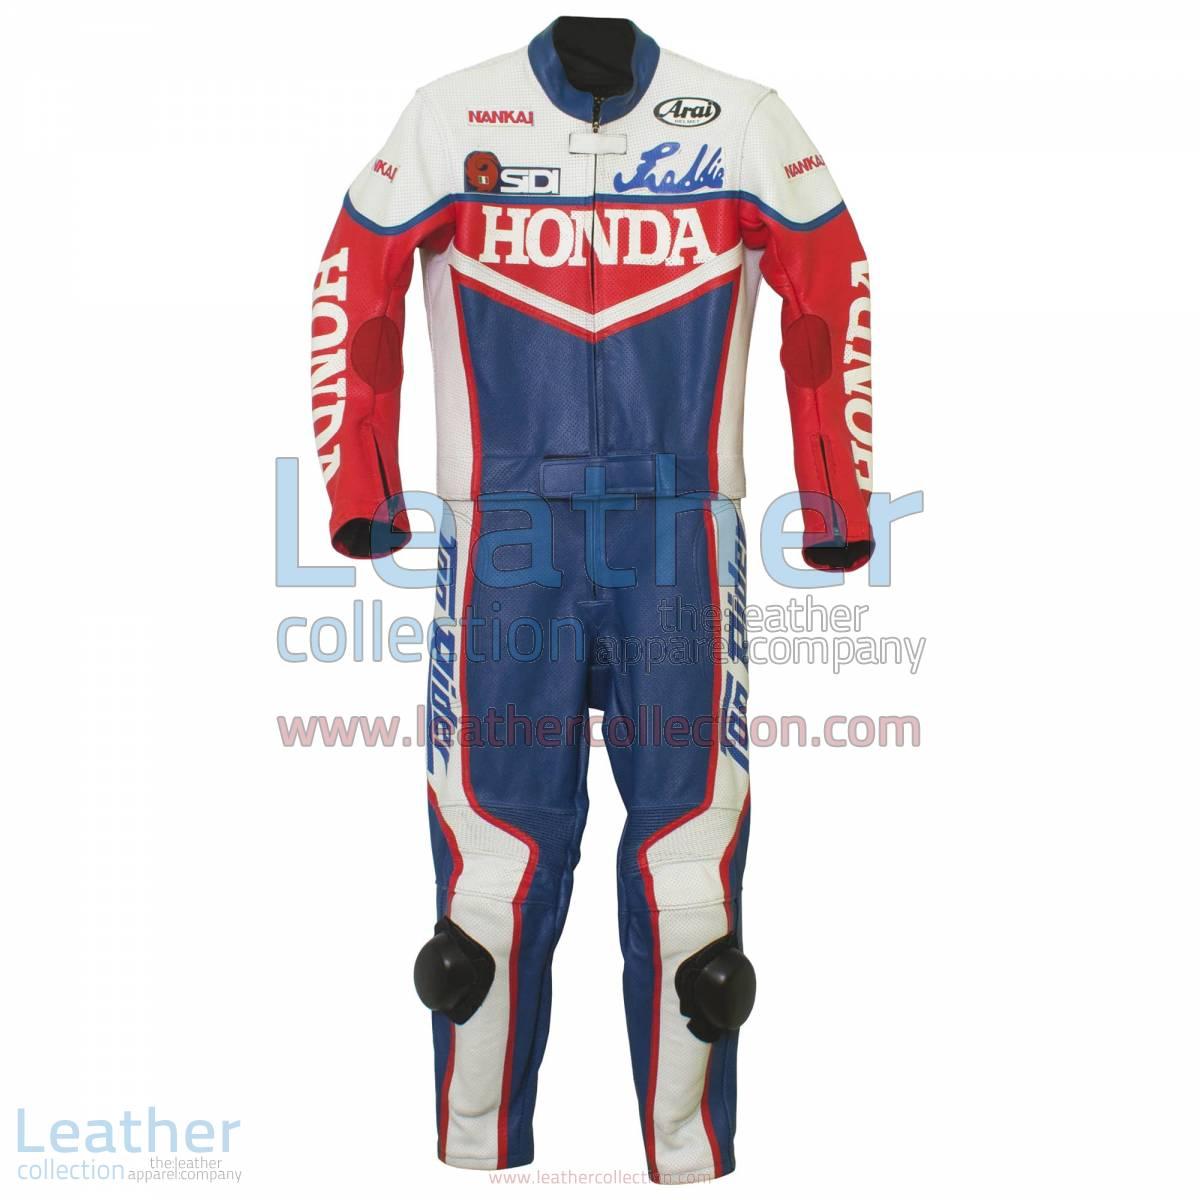 Freddie Spencer Honda Daytona 1985 Leathers | honda leathers